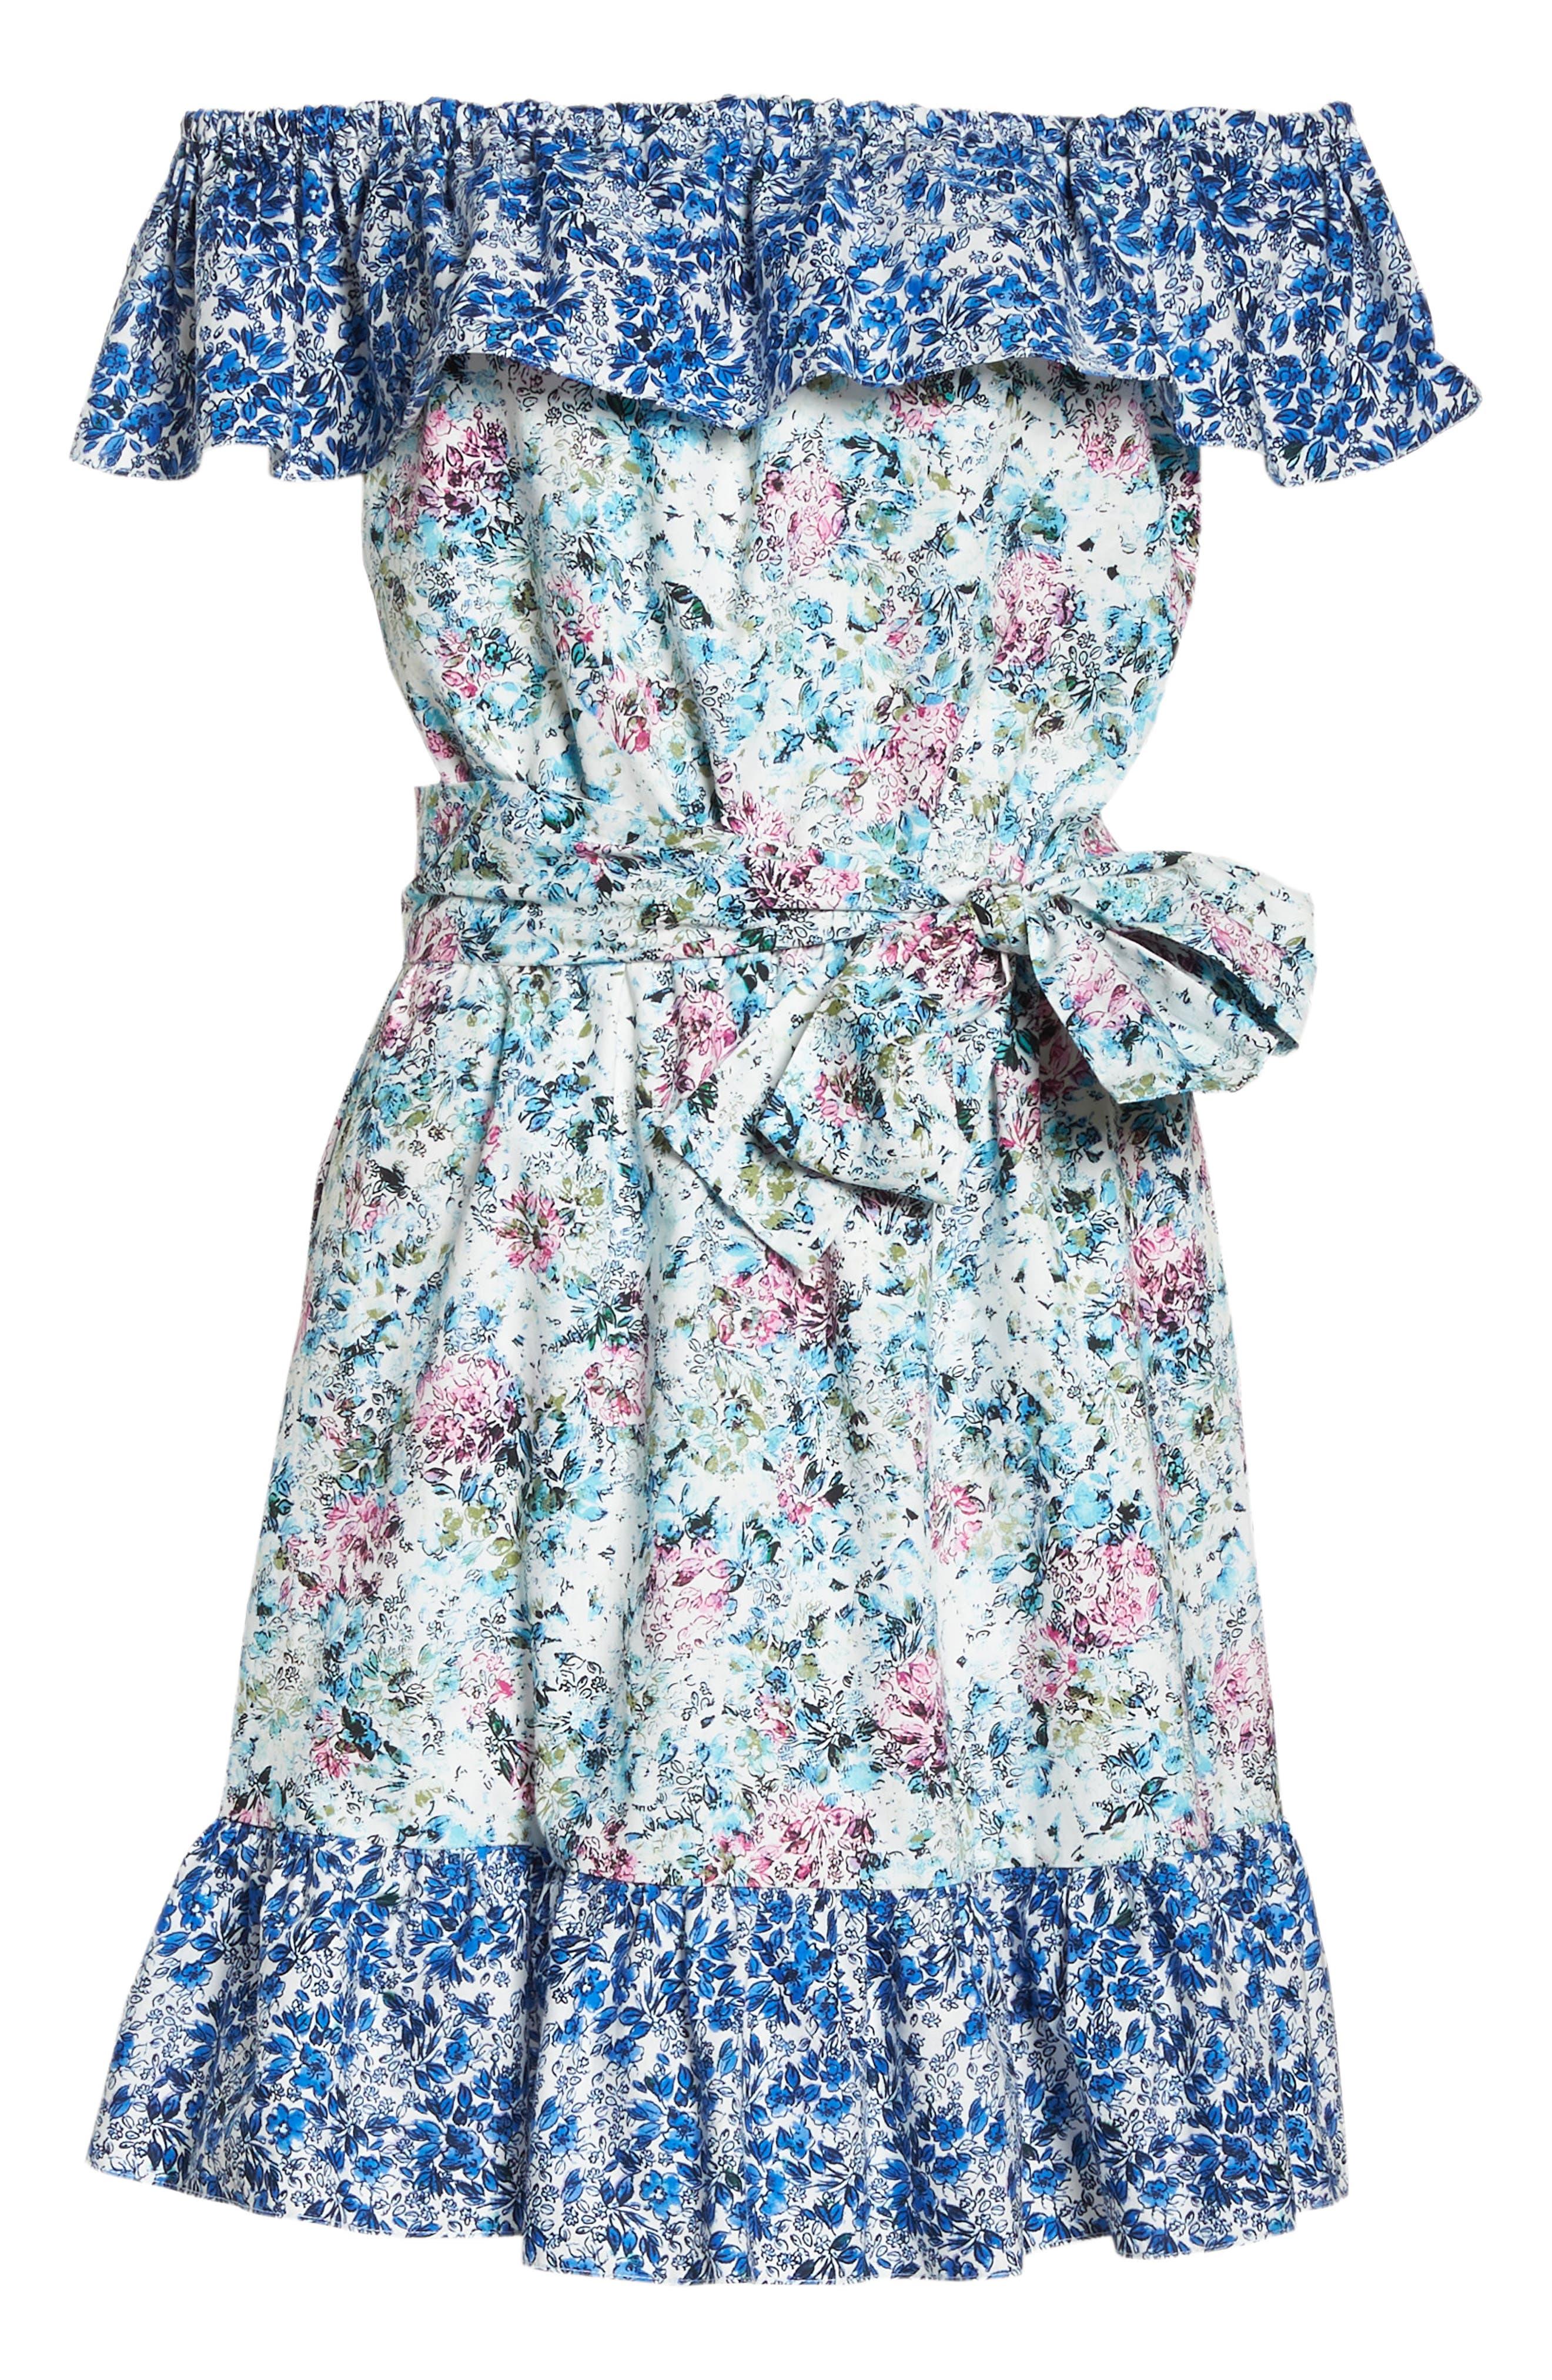 Floral Off the Shoulder Dress,                             Alternate thumbnail 6, color,                             475